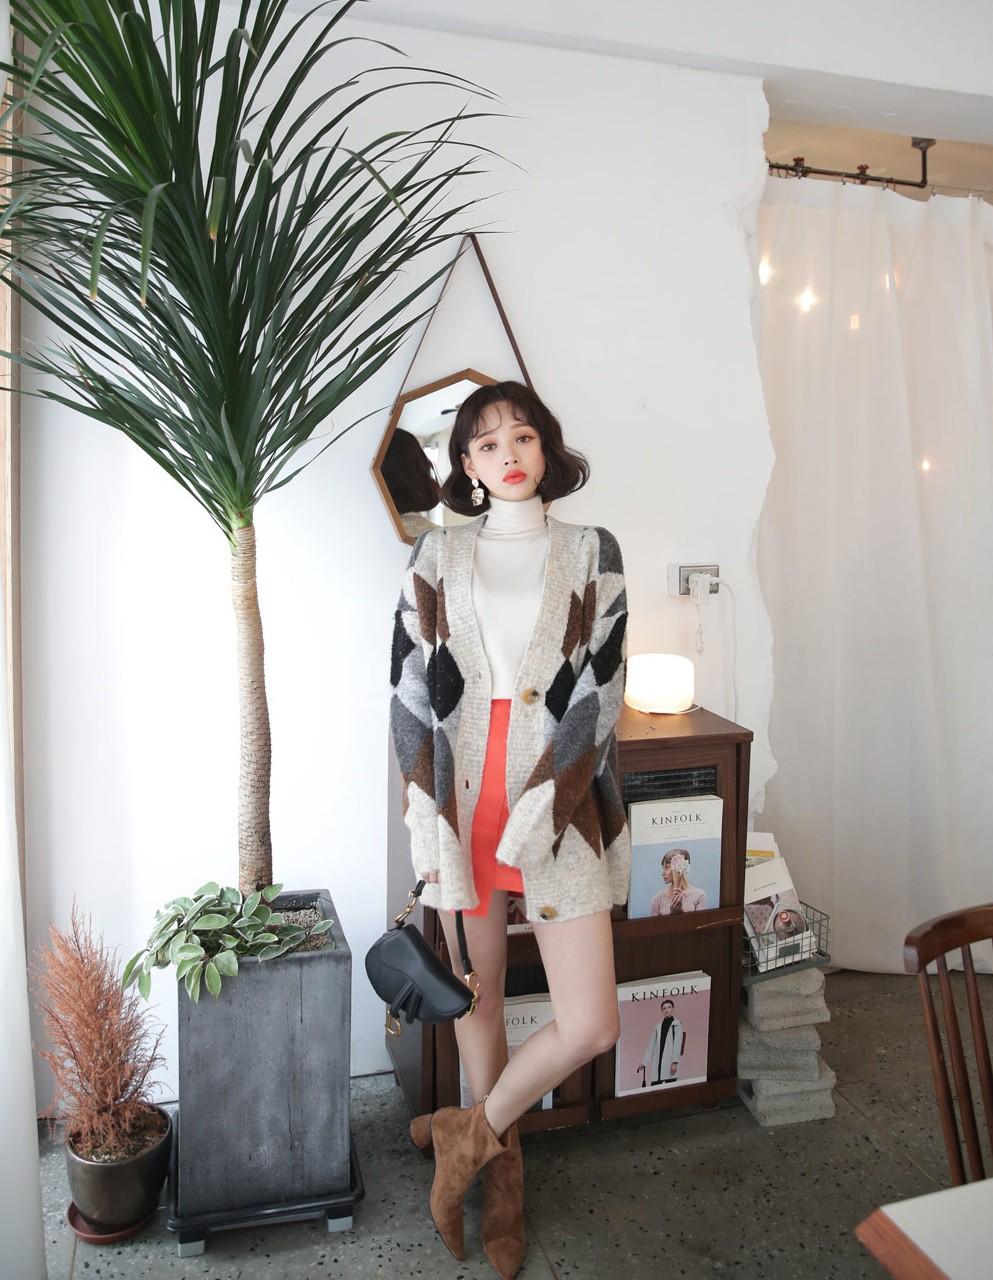 4 mẫu áo cardigan điệu nhất mùa lạnh mà nàng nào diện lên cũng dịu dàng, nữ tính hơn hẳn - 13